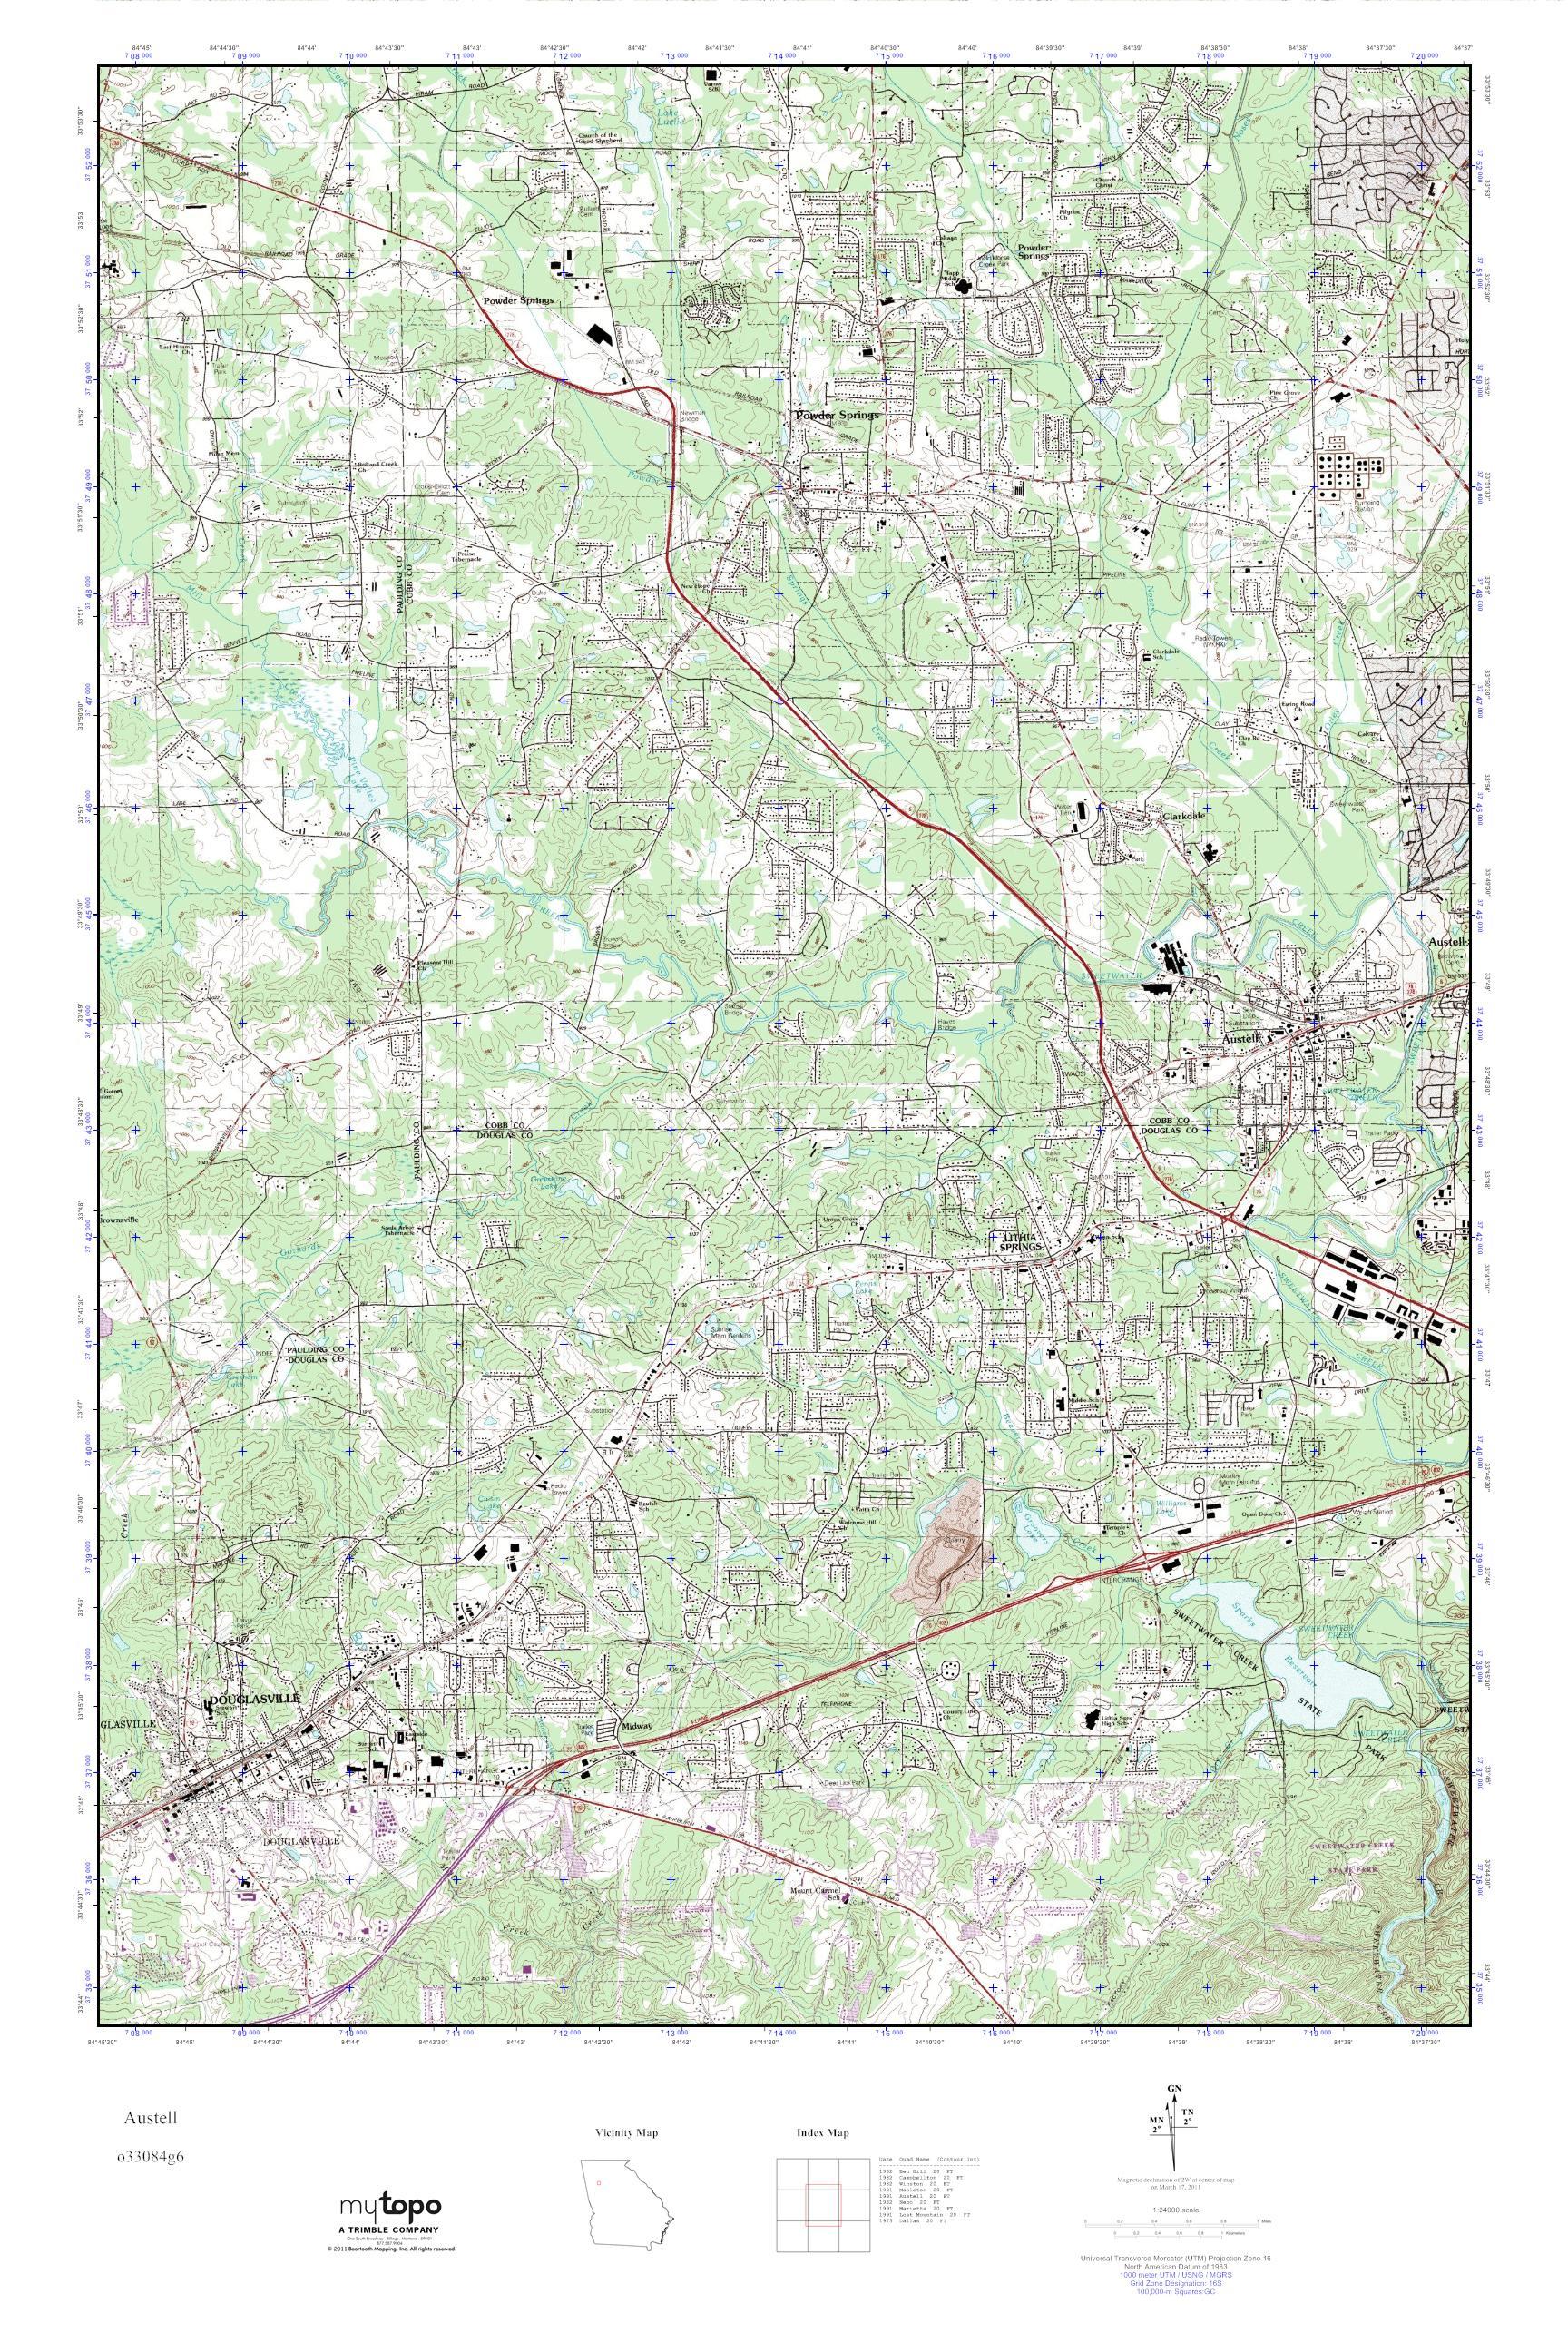 Mytopo Austell Georgia Usgs Quad Topo Map